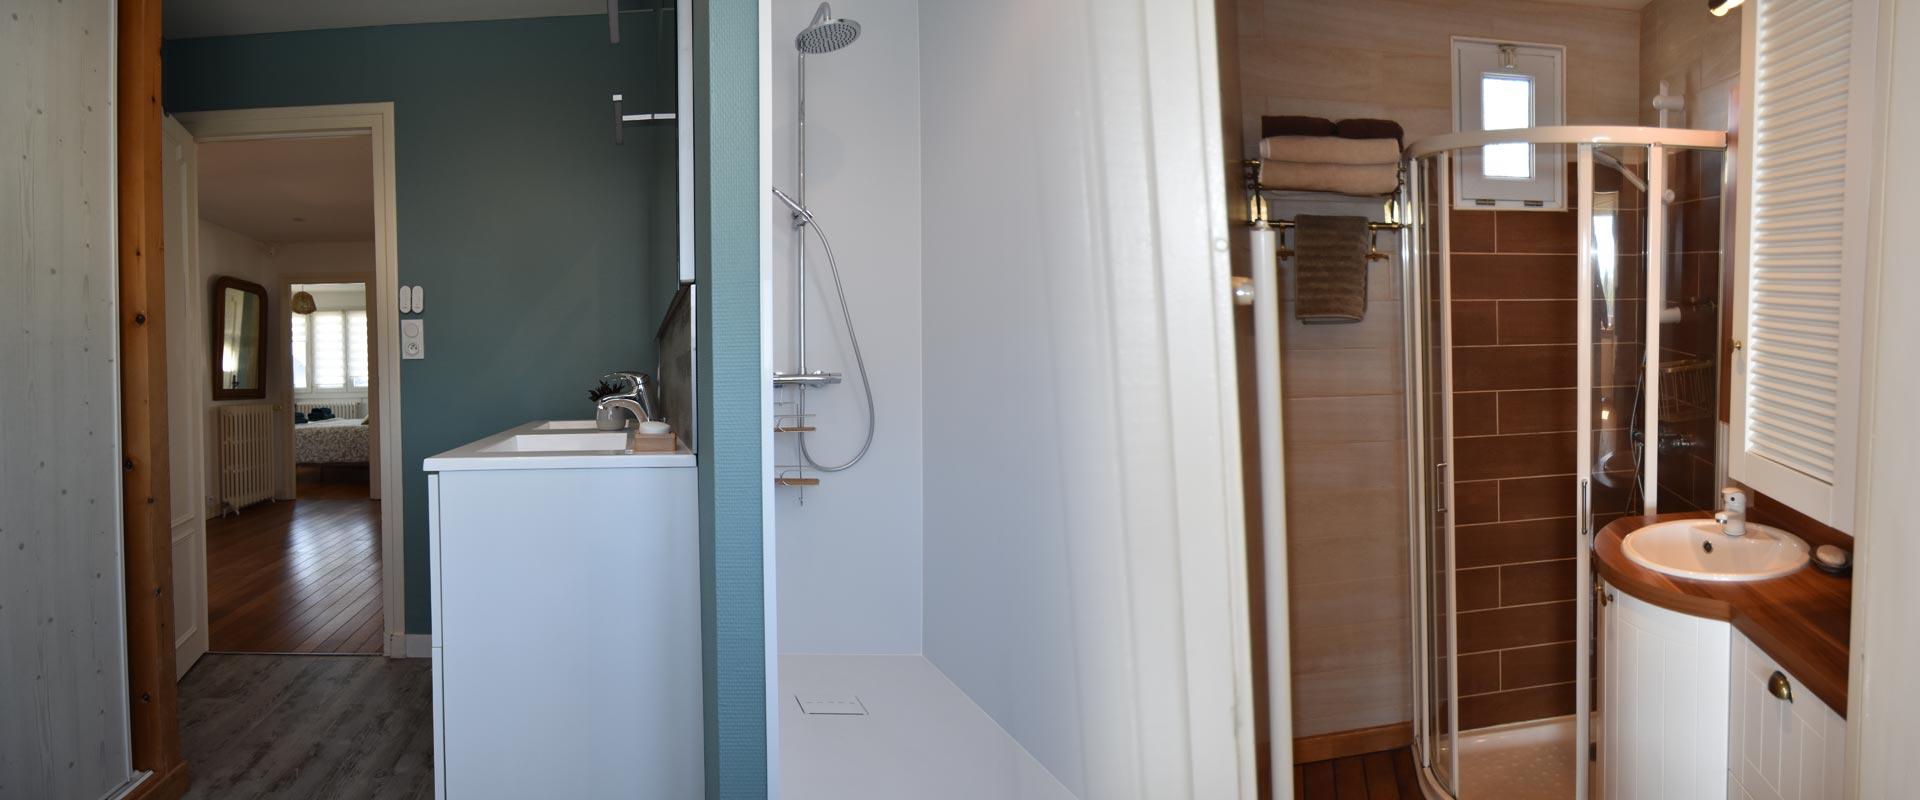 les-voiles-salle-d-eau.jpg